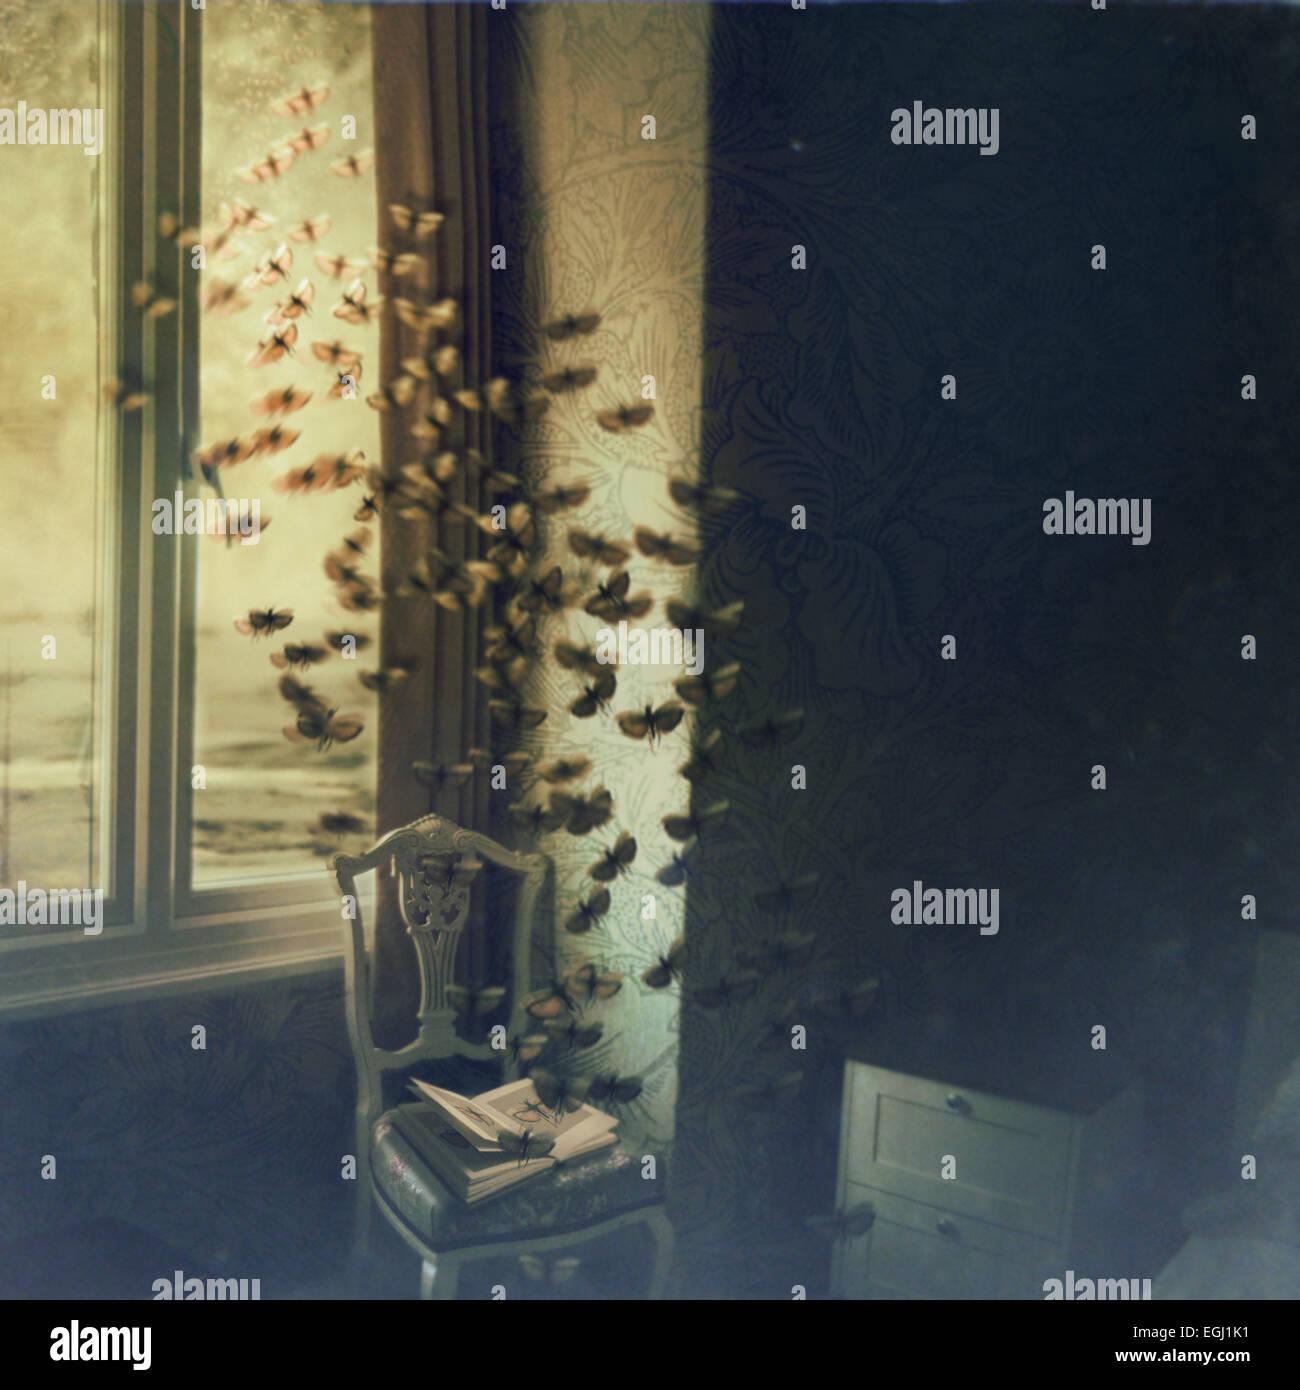 Schmetterlinge fliegen aus geöffneten Buch Stockbild